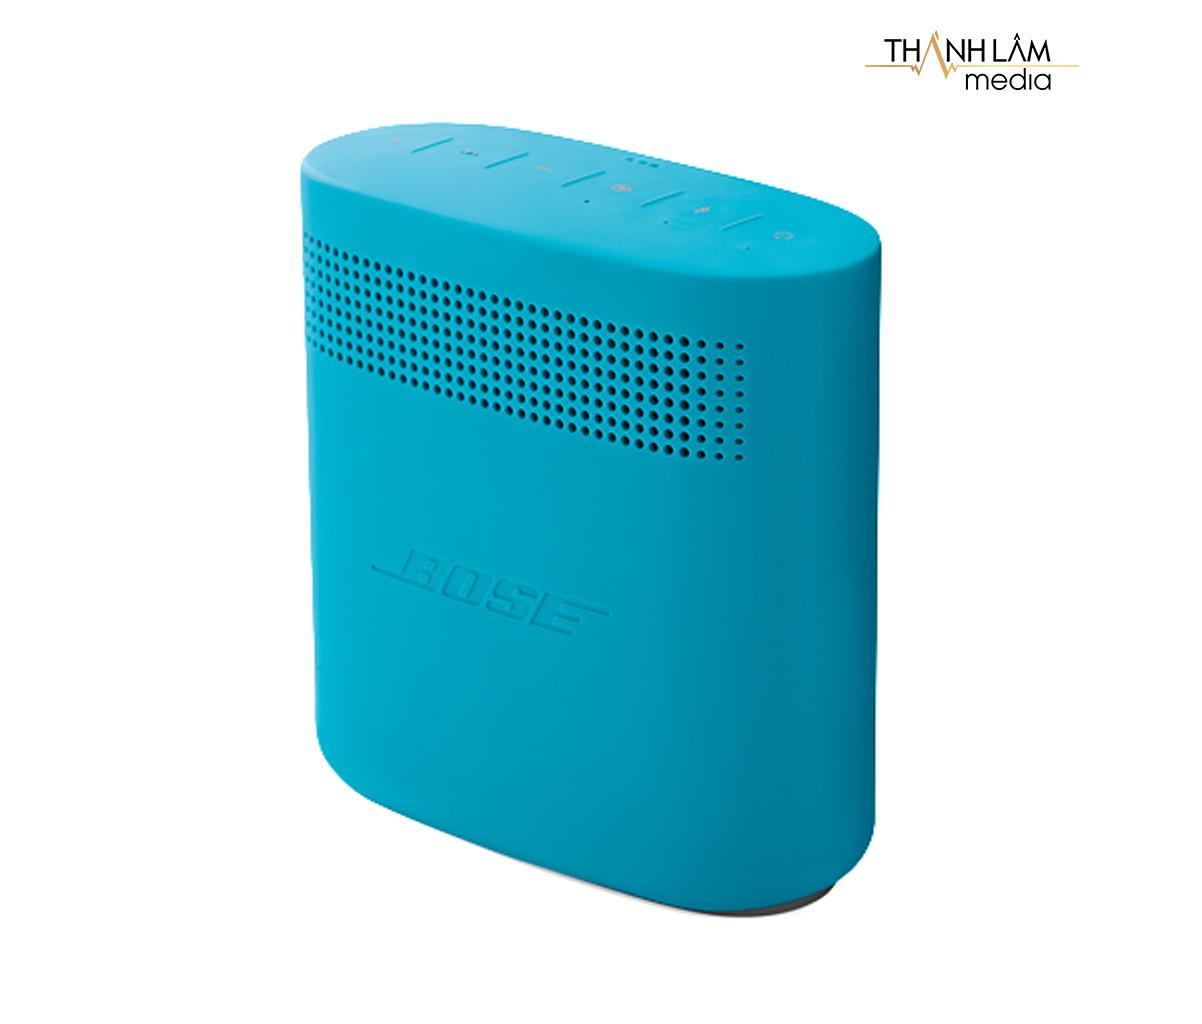 Loa-Bose-SoundLink-Color-2-Xanh-Duong-1